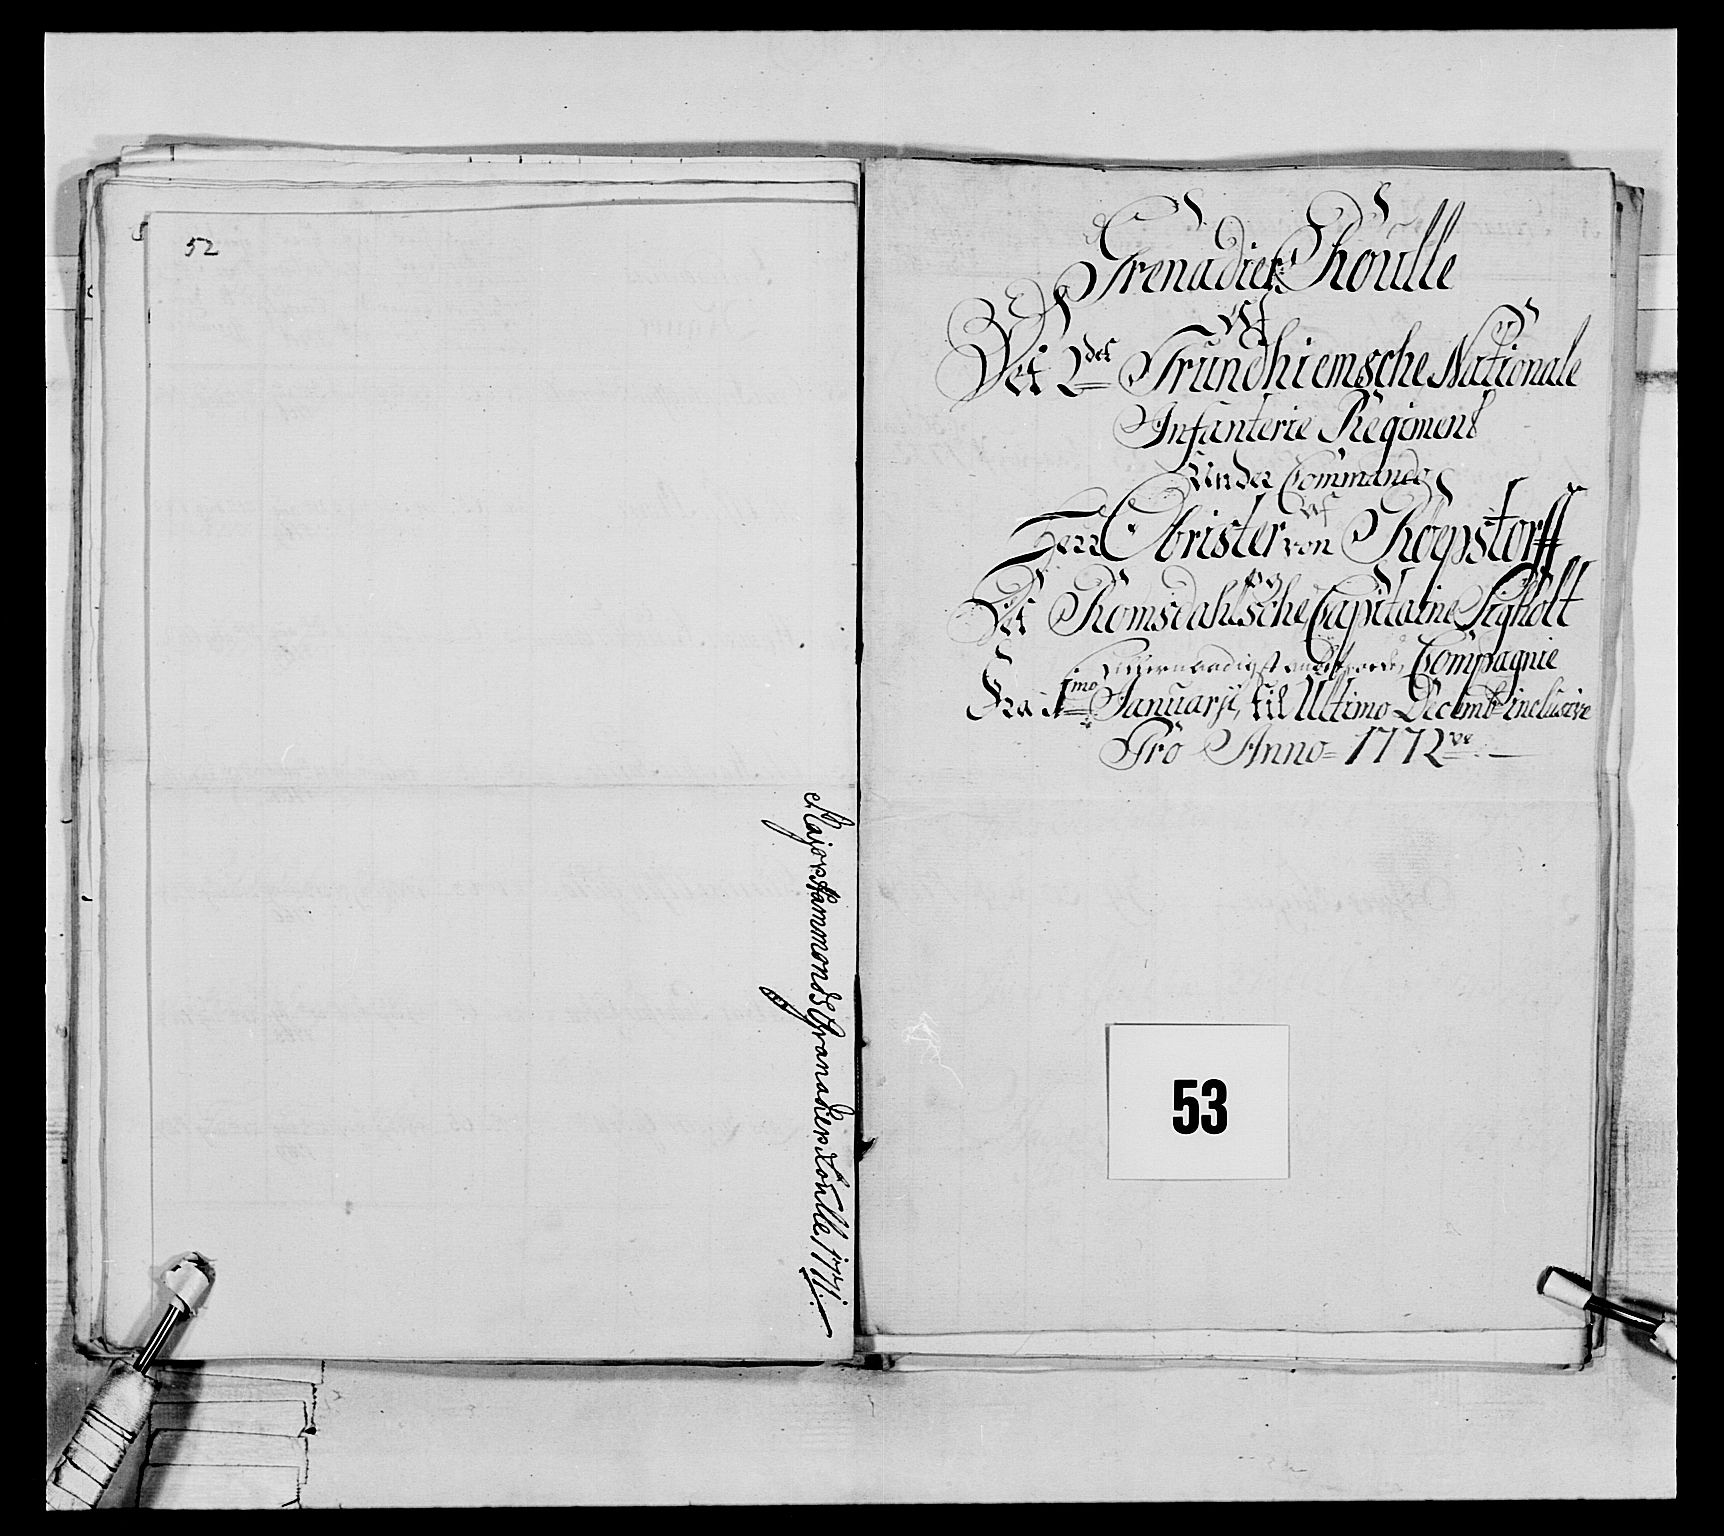 RA, Generalitets- og kommissariatskollegiet, Det kongelige norske kommissariatskollegium, E/Eh/L0076: 2. Trondheimske nasjonale infanteriregiment, 1766-1773, s. 178